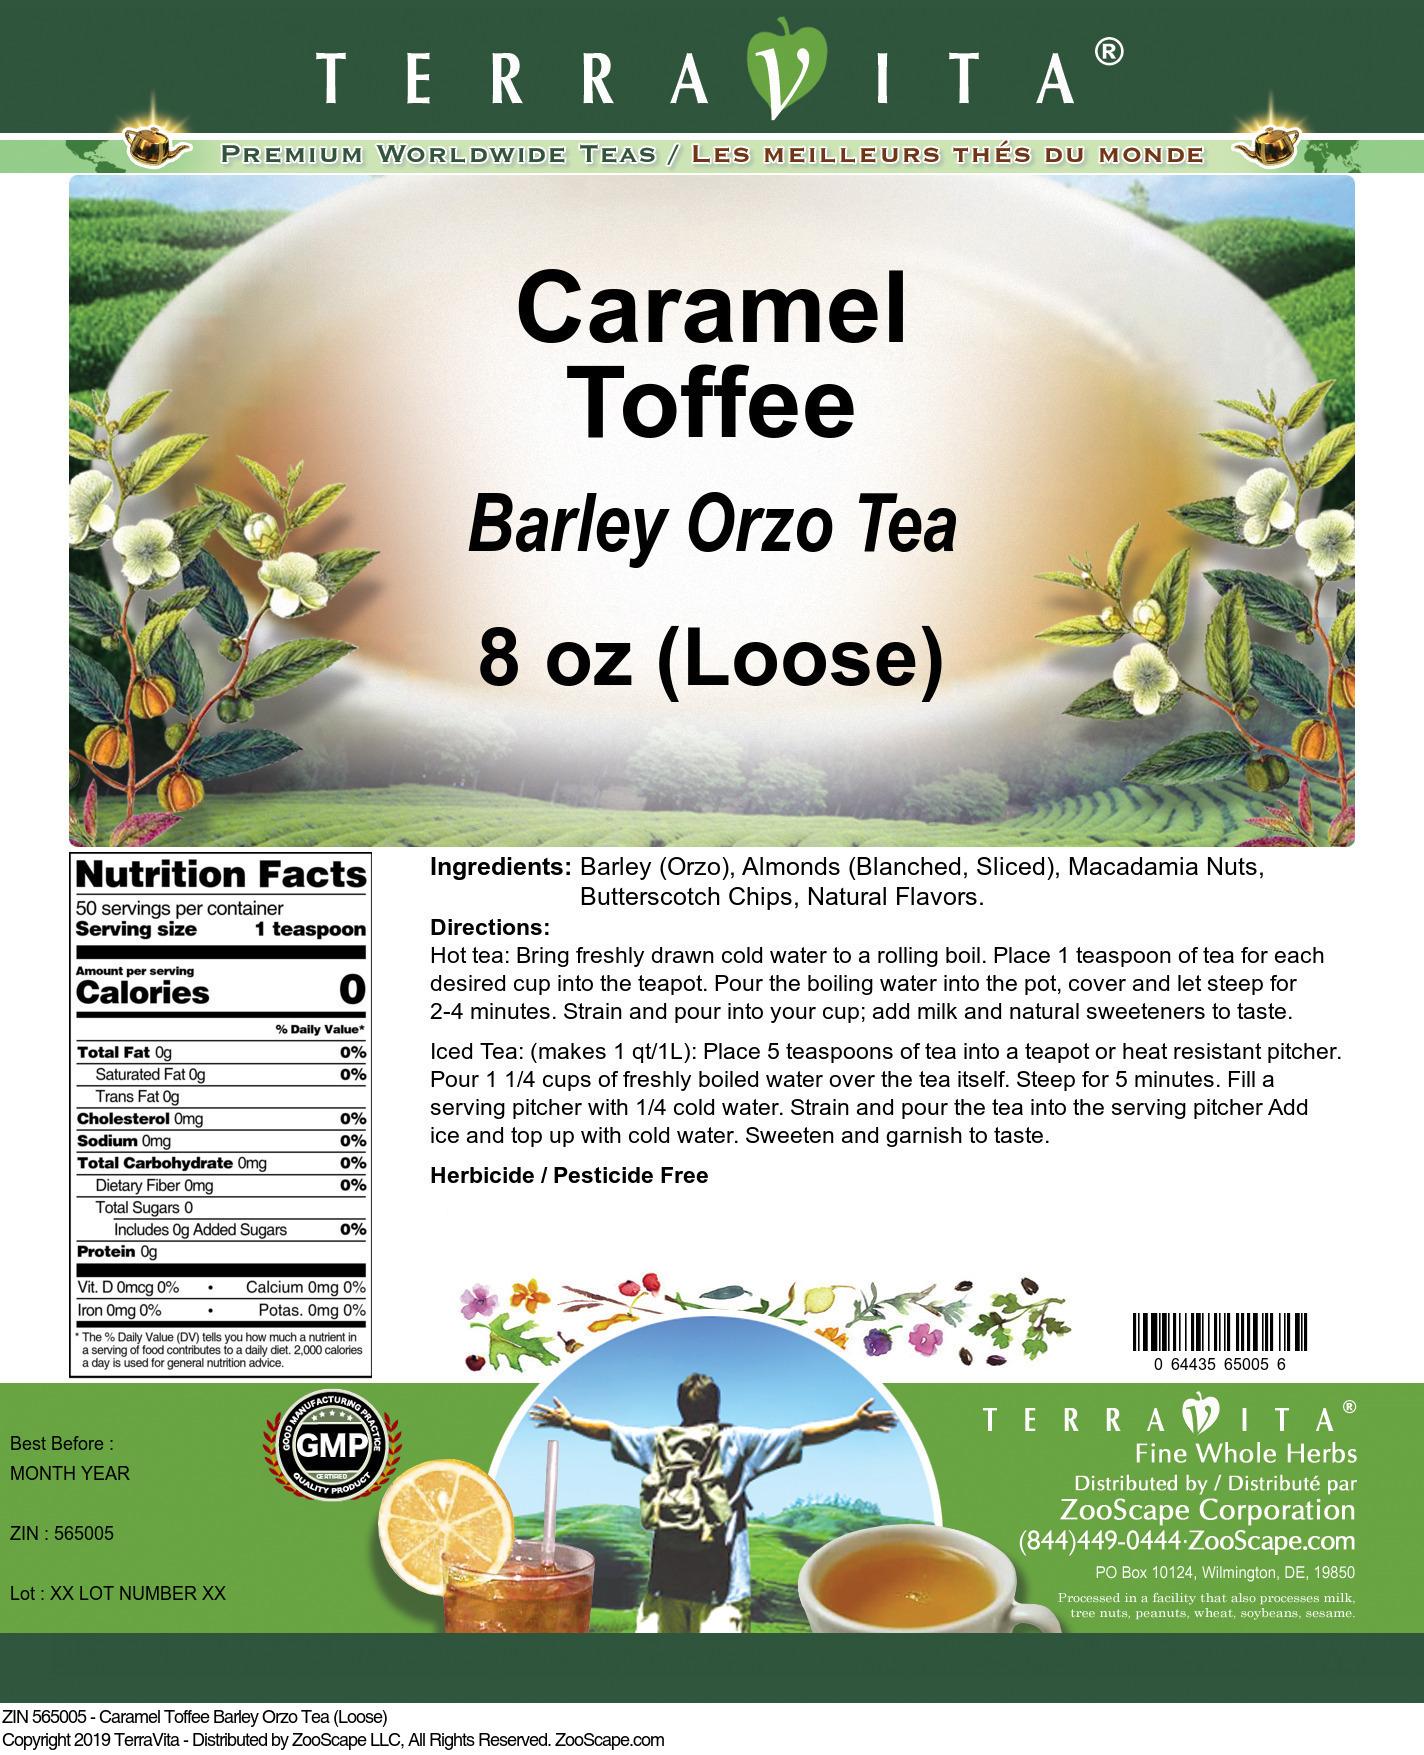 Caramel Toffee Barley Orzo Tea (Loose)